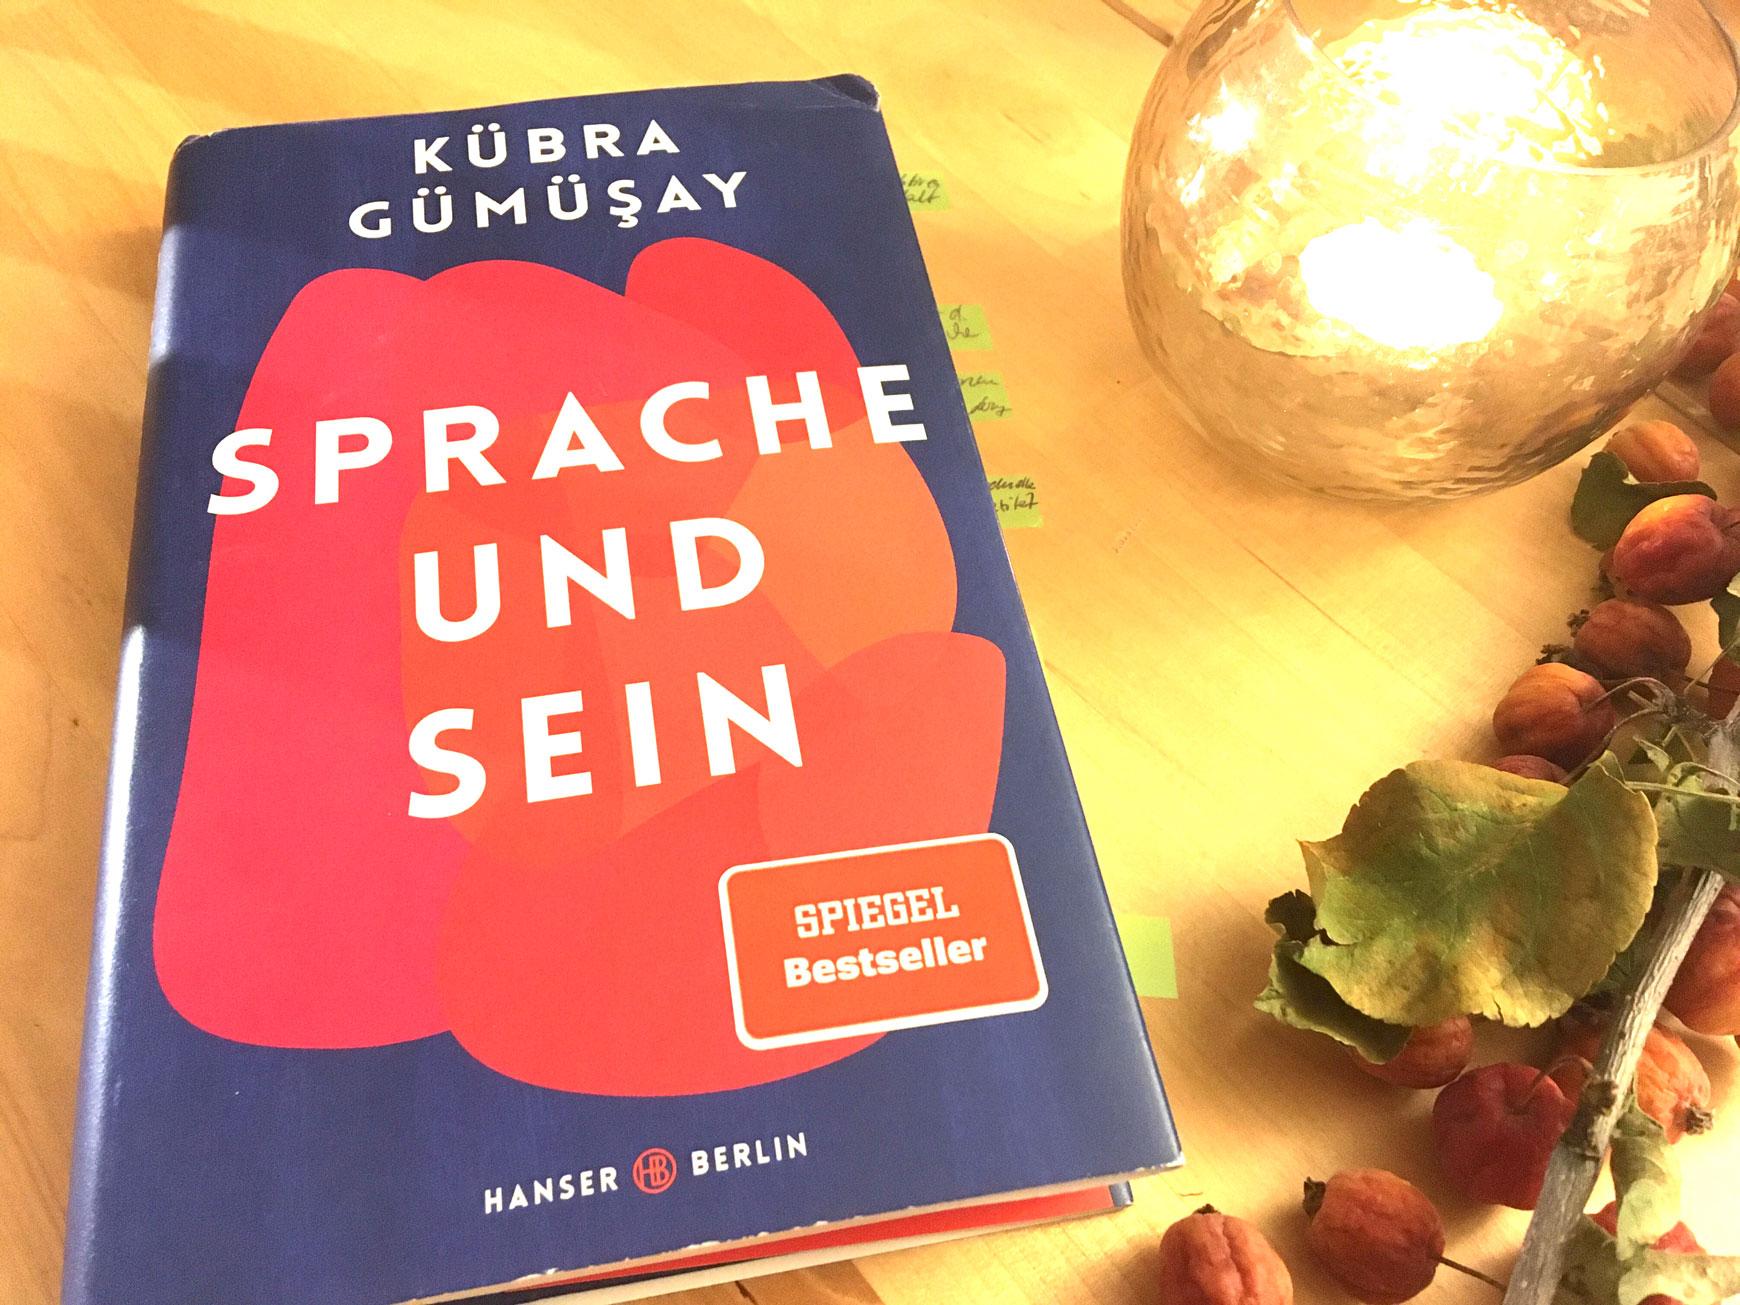 Sprache und Sein (von Kübra Gümüşay)